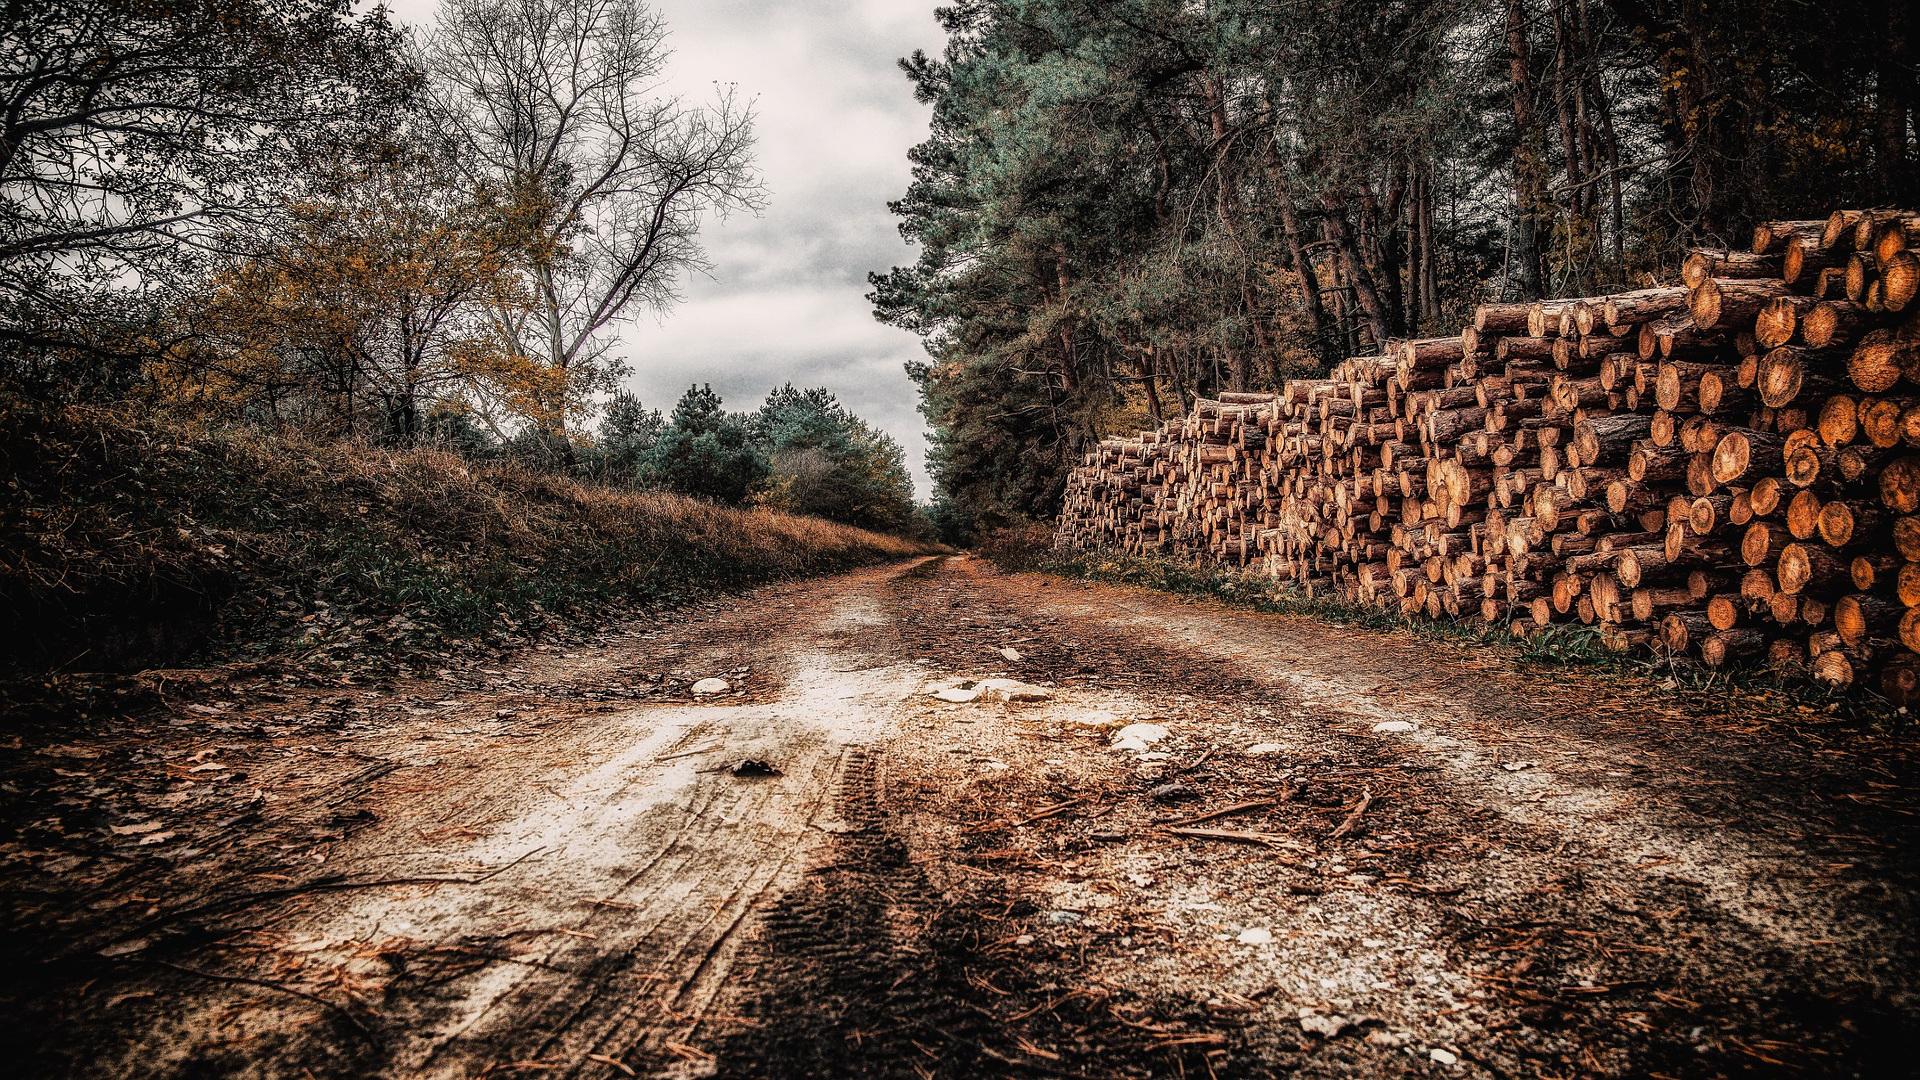 278 millones de euros genero la madera a los propietarios forestales gallegos.1920